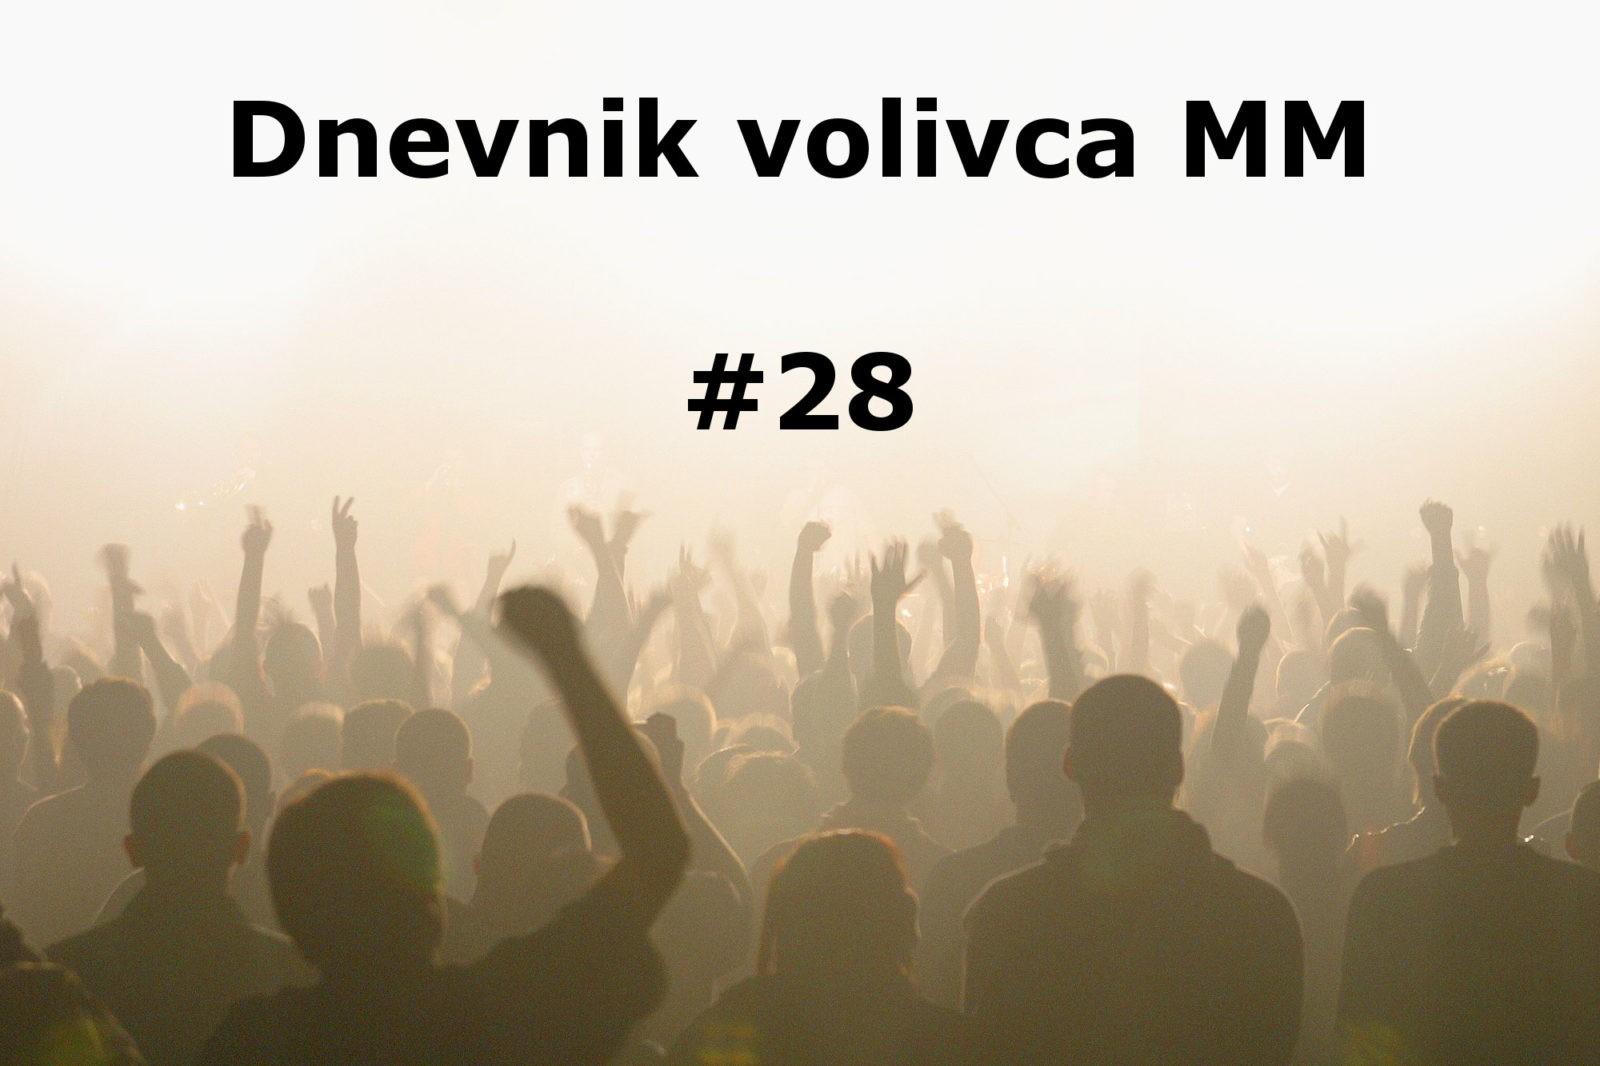 Dnevnik volivca MM (volitve 2014) – #28